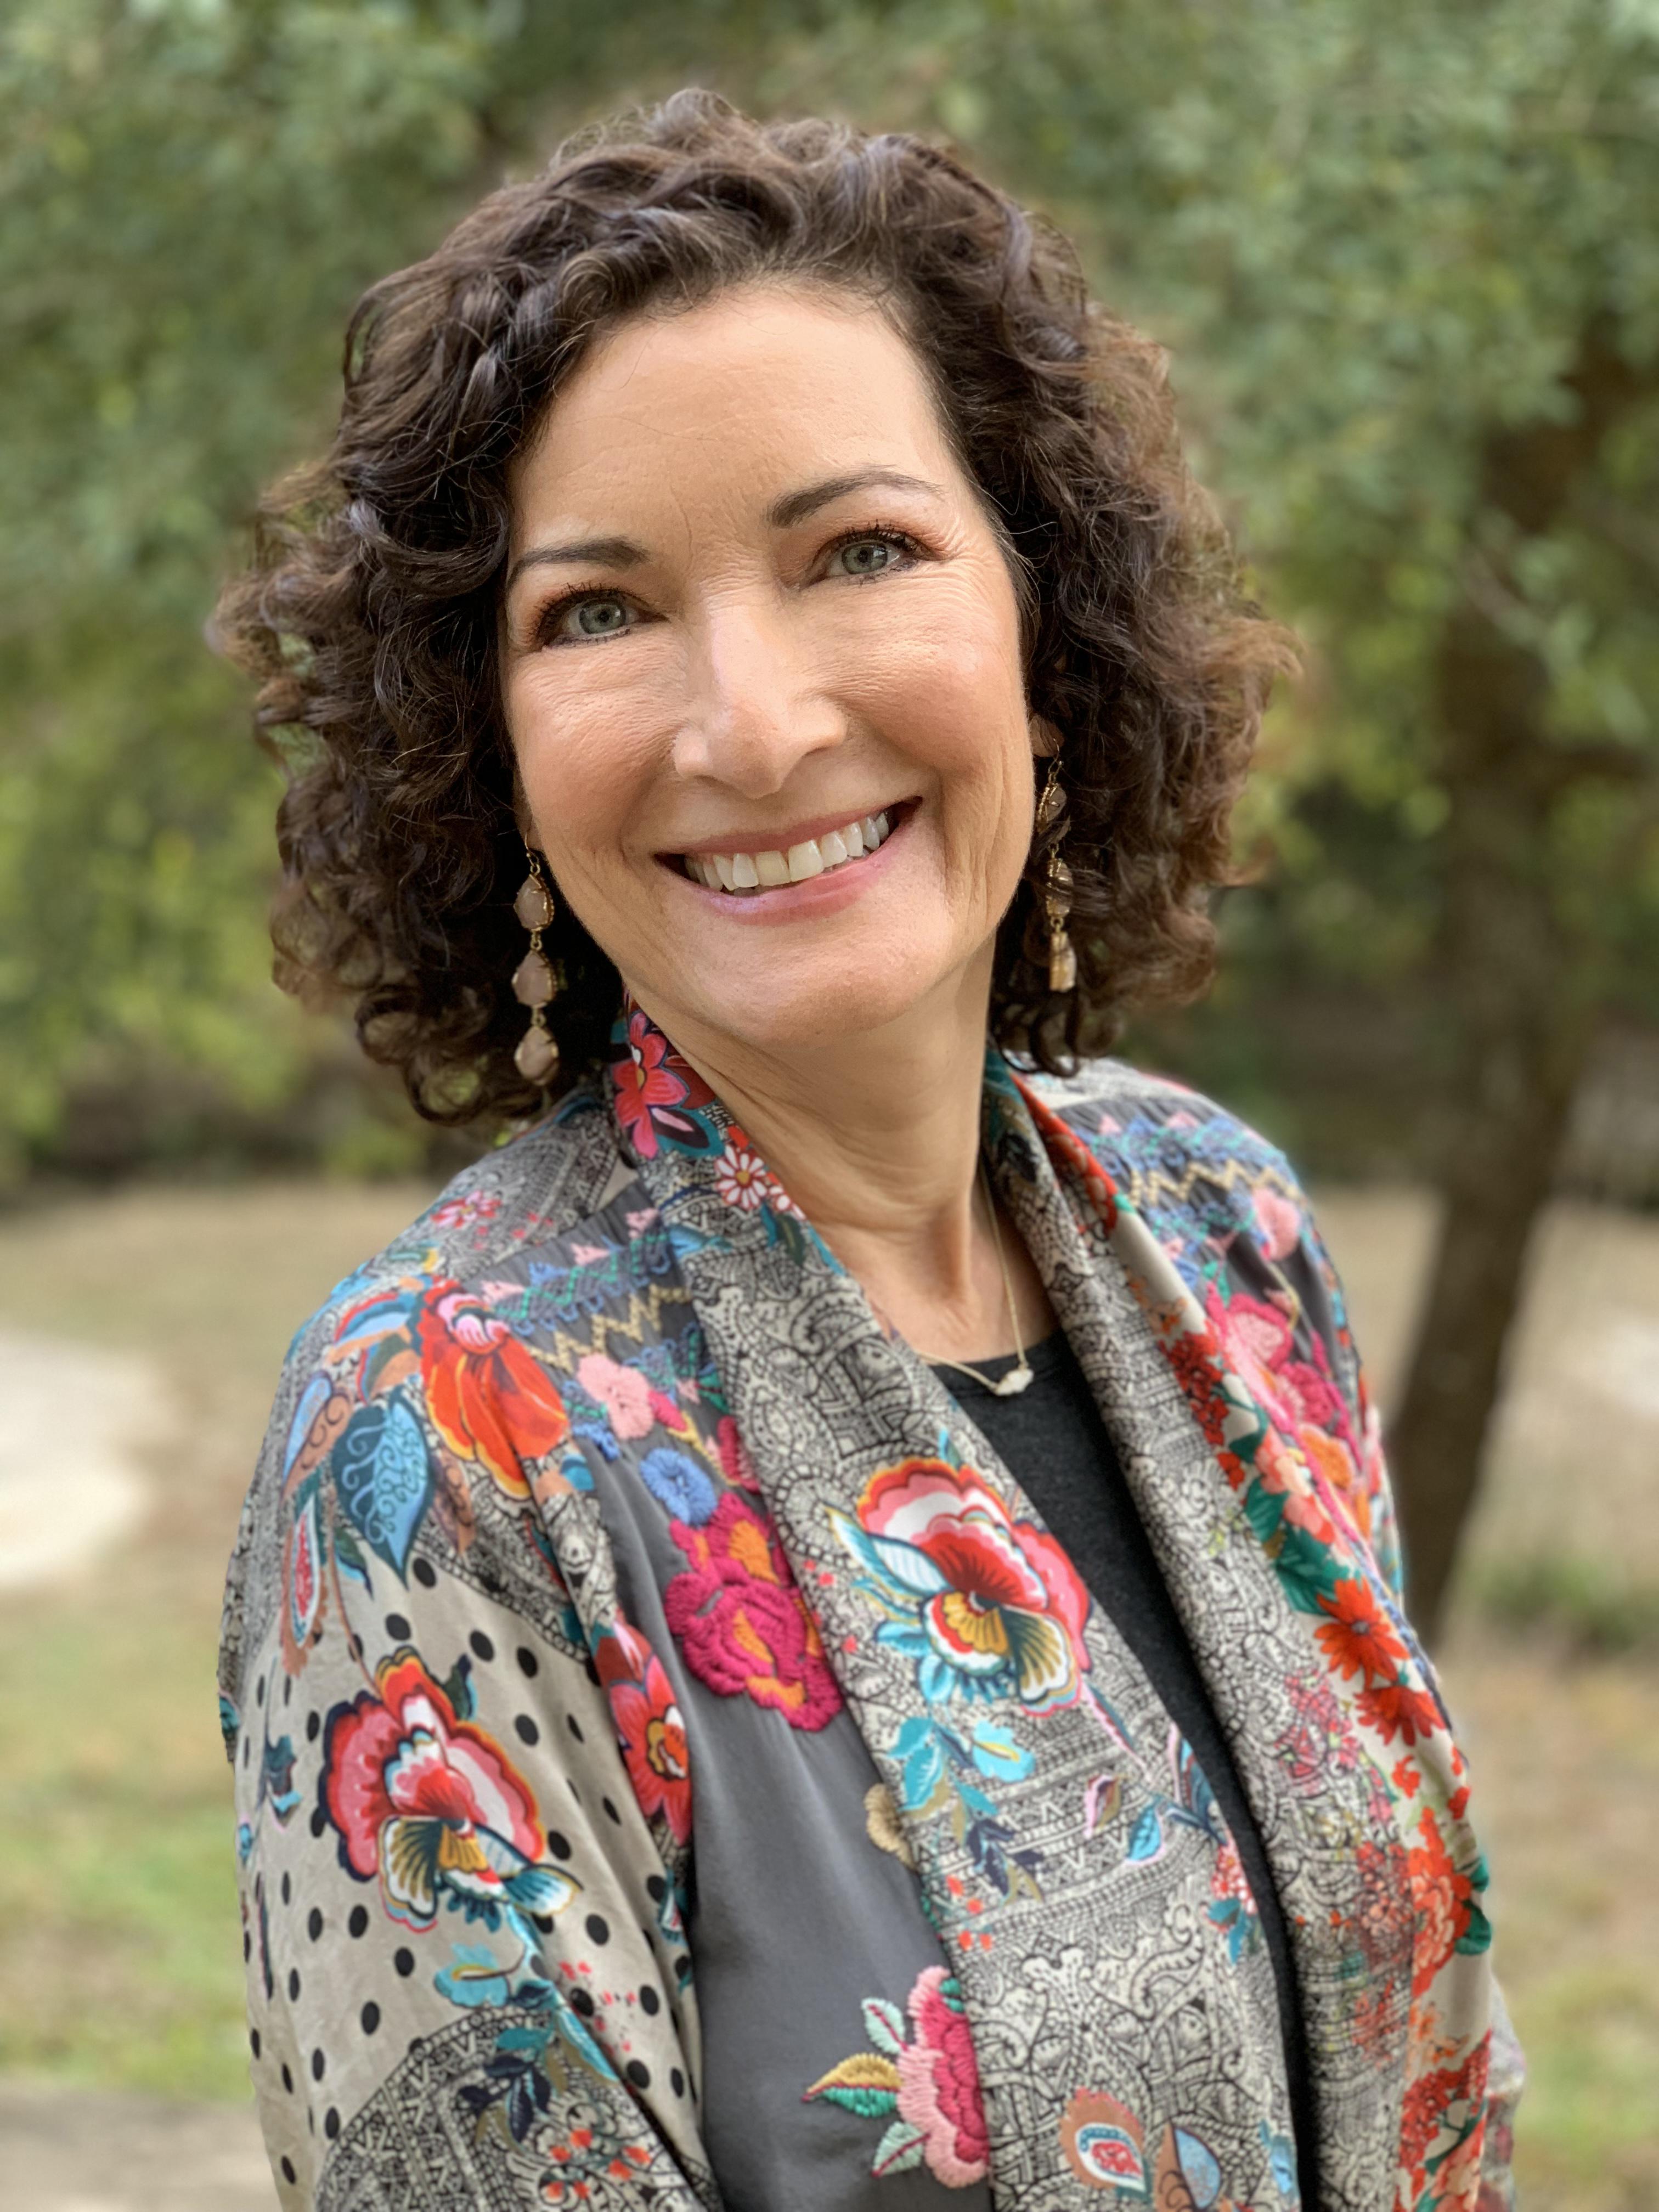 Lauren Powell